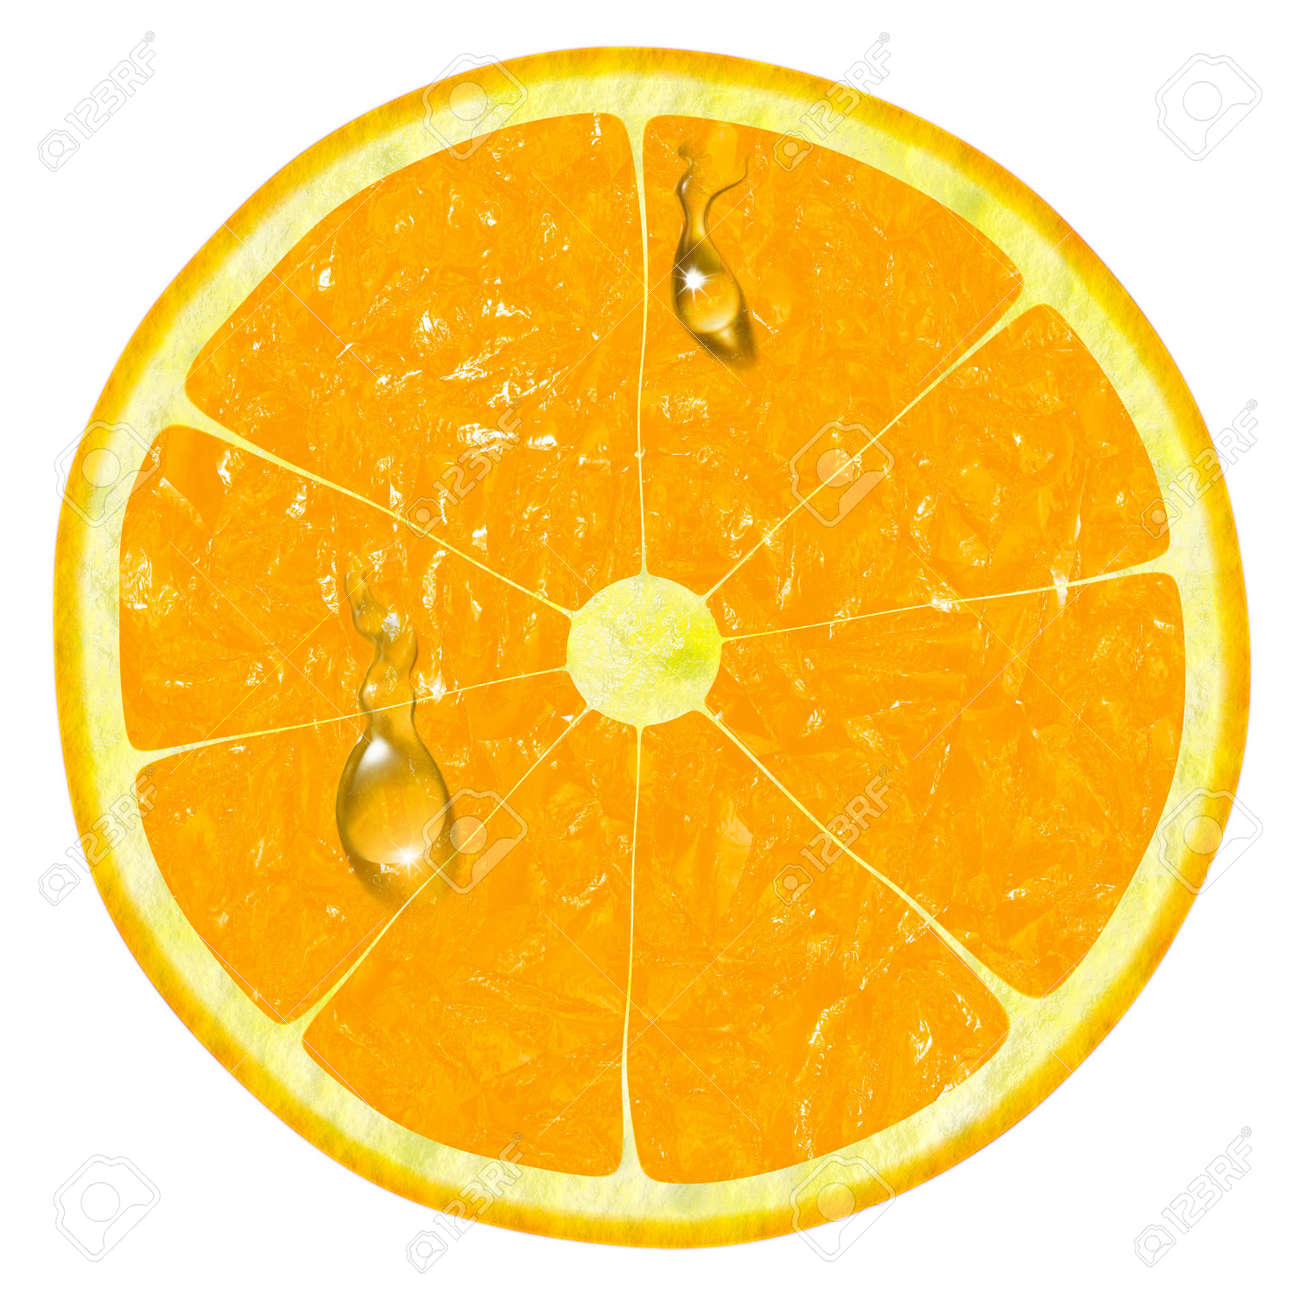 orange slice isolated on a white background Stock Photo - 6880415